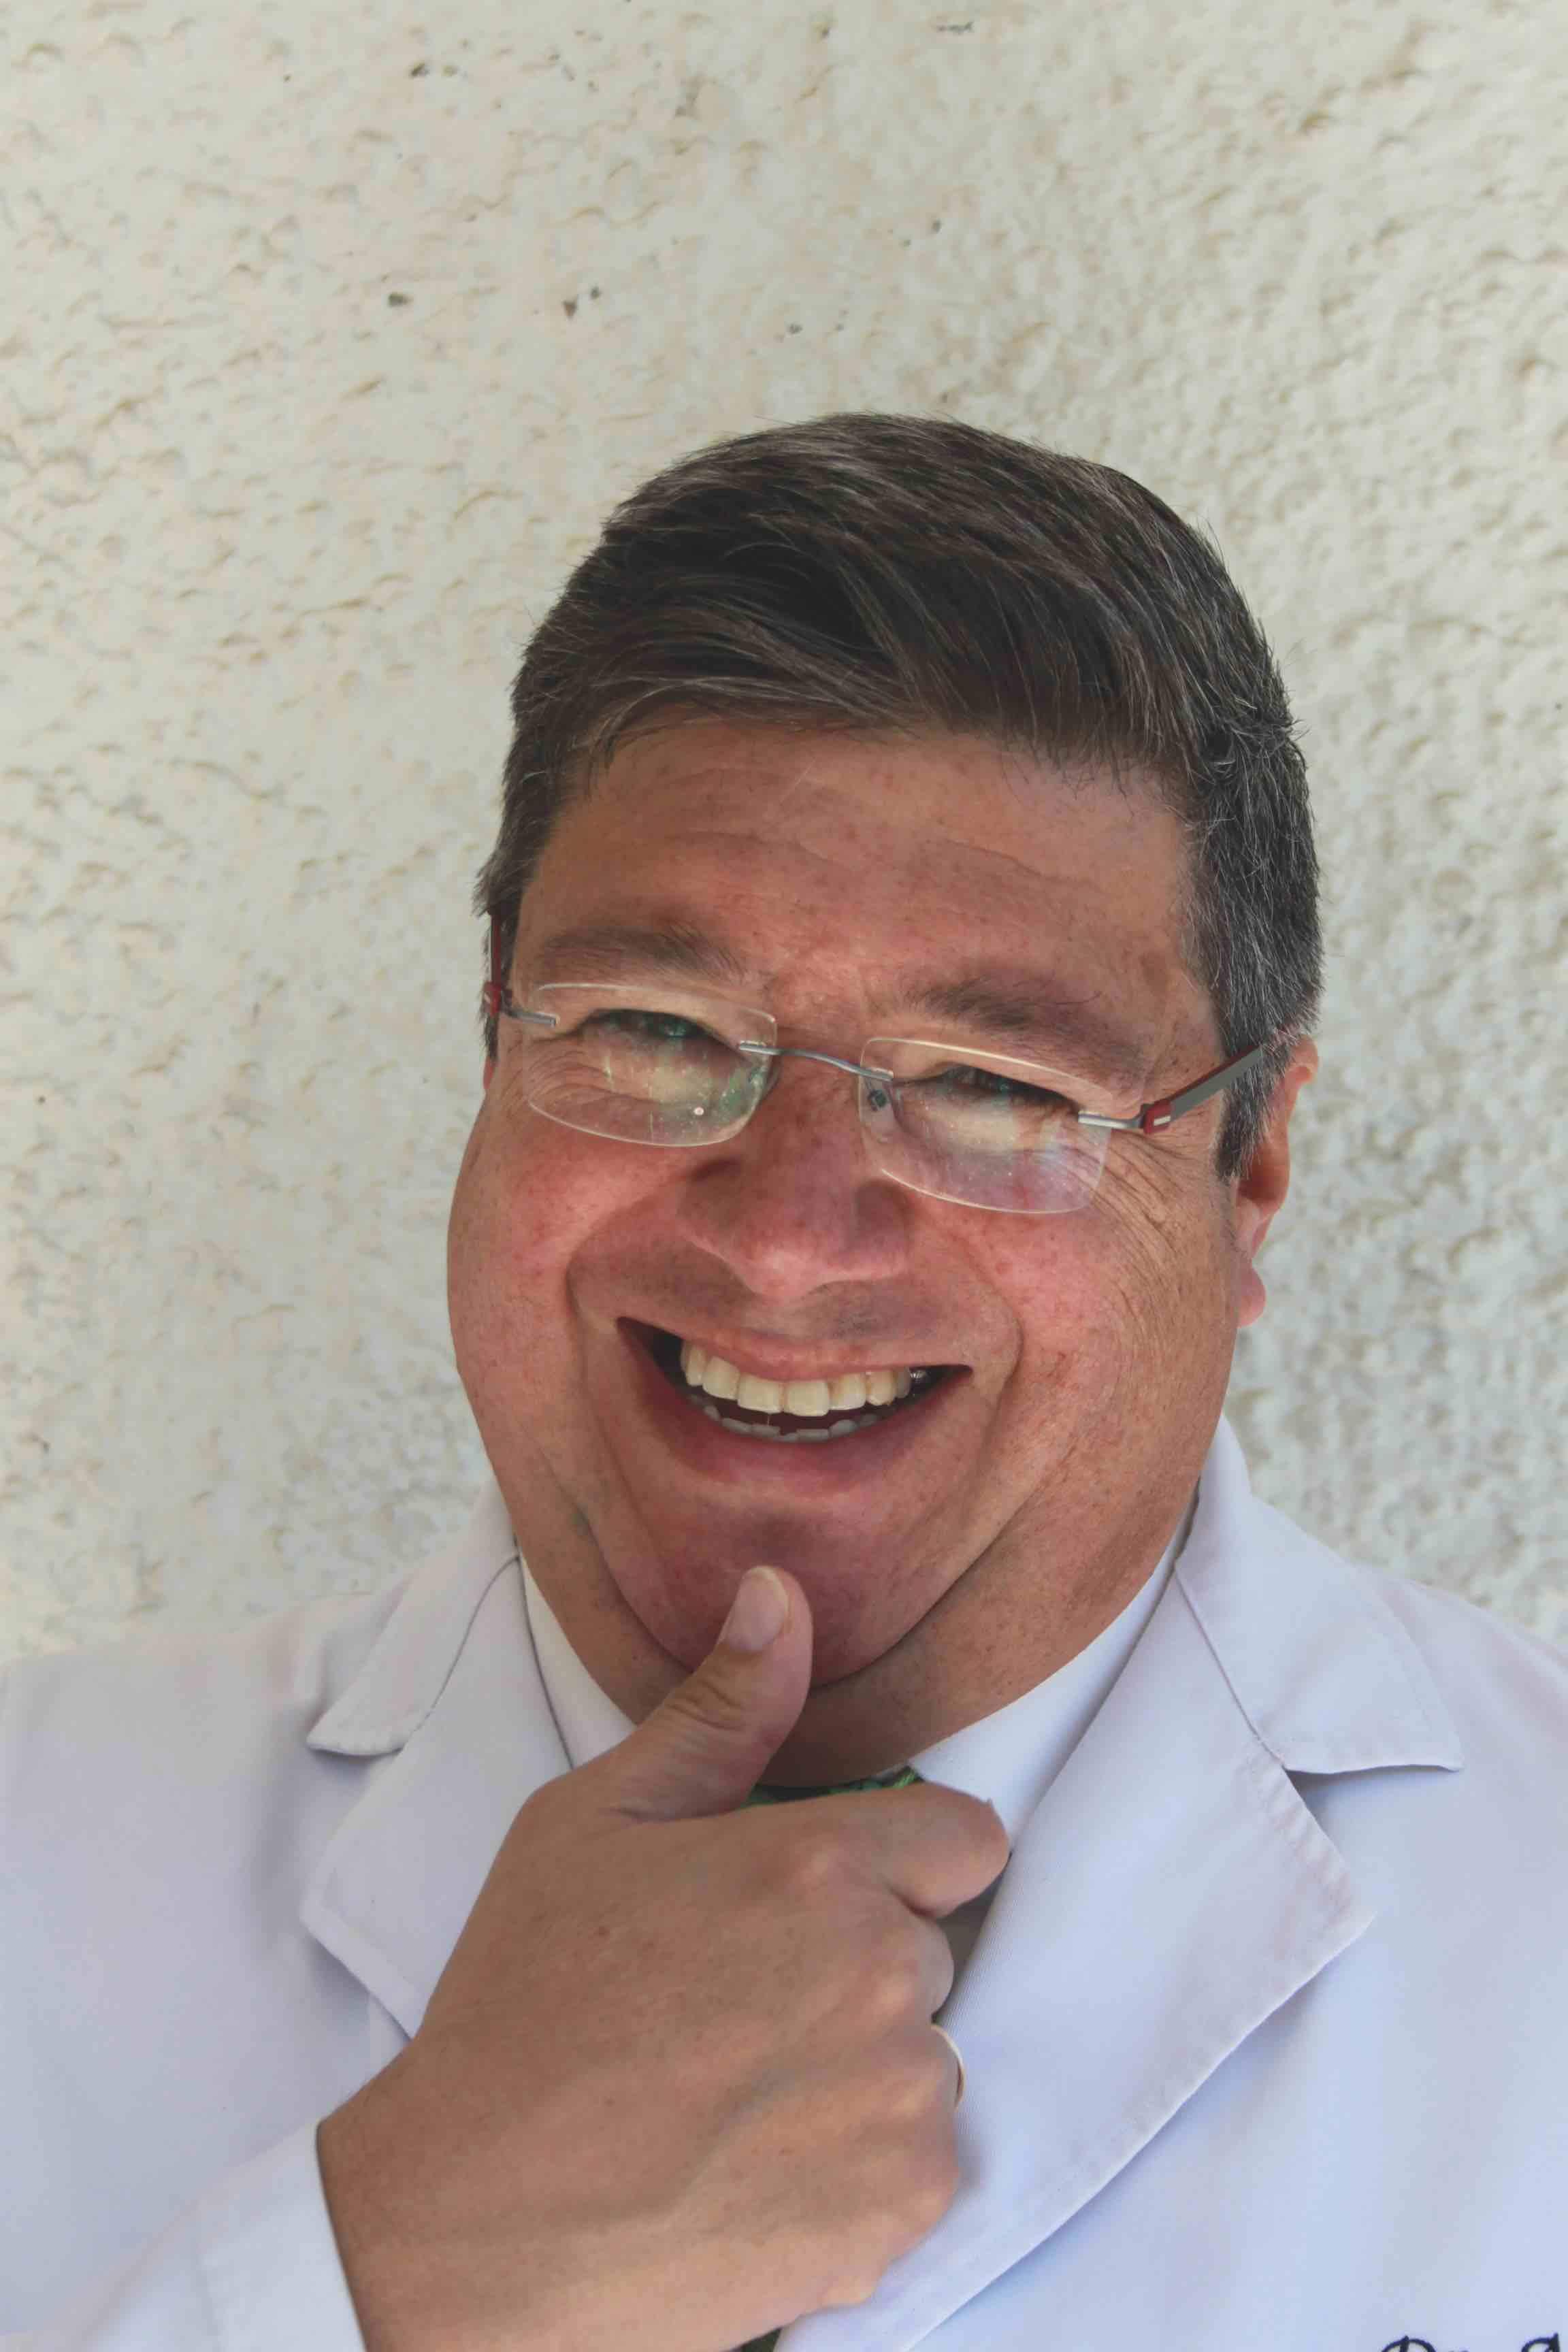 Mr Arturo Almeida